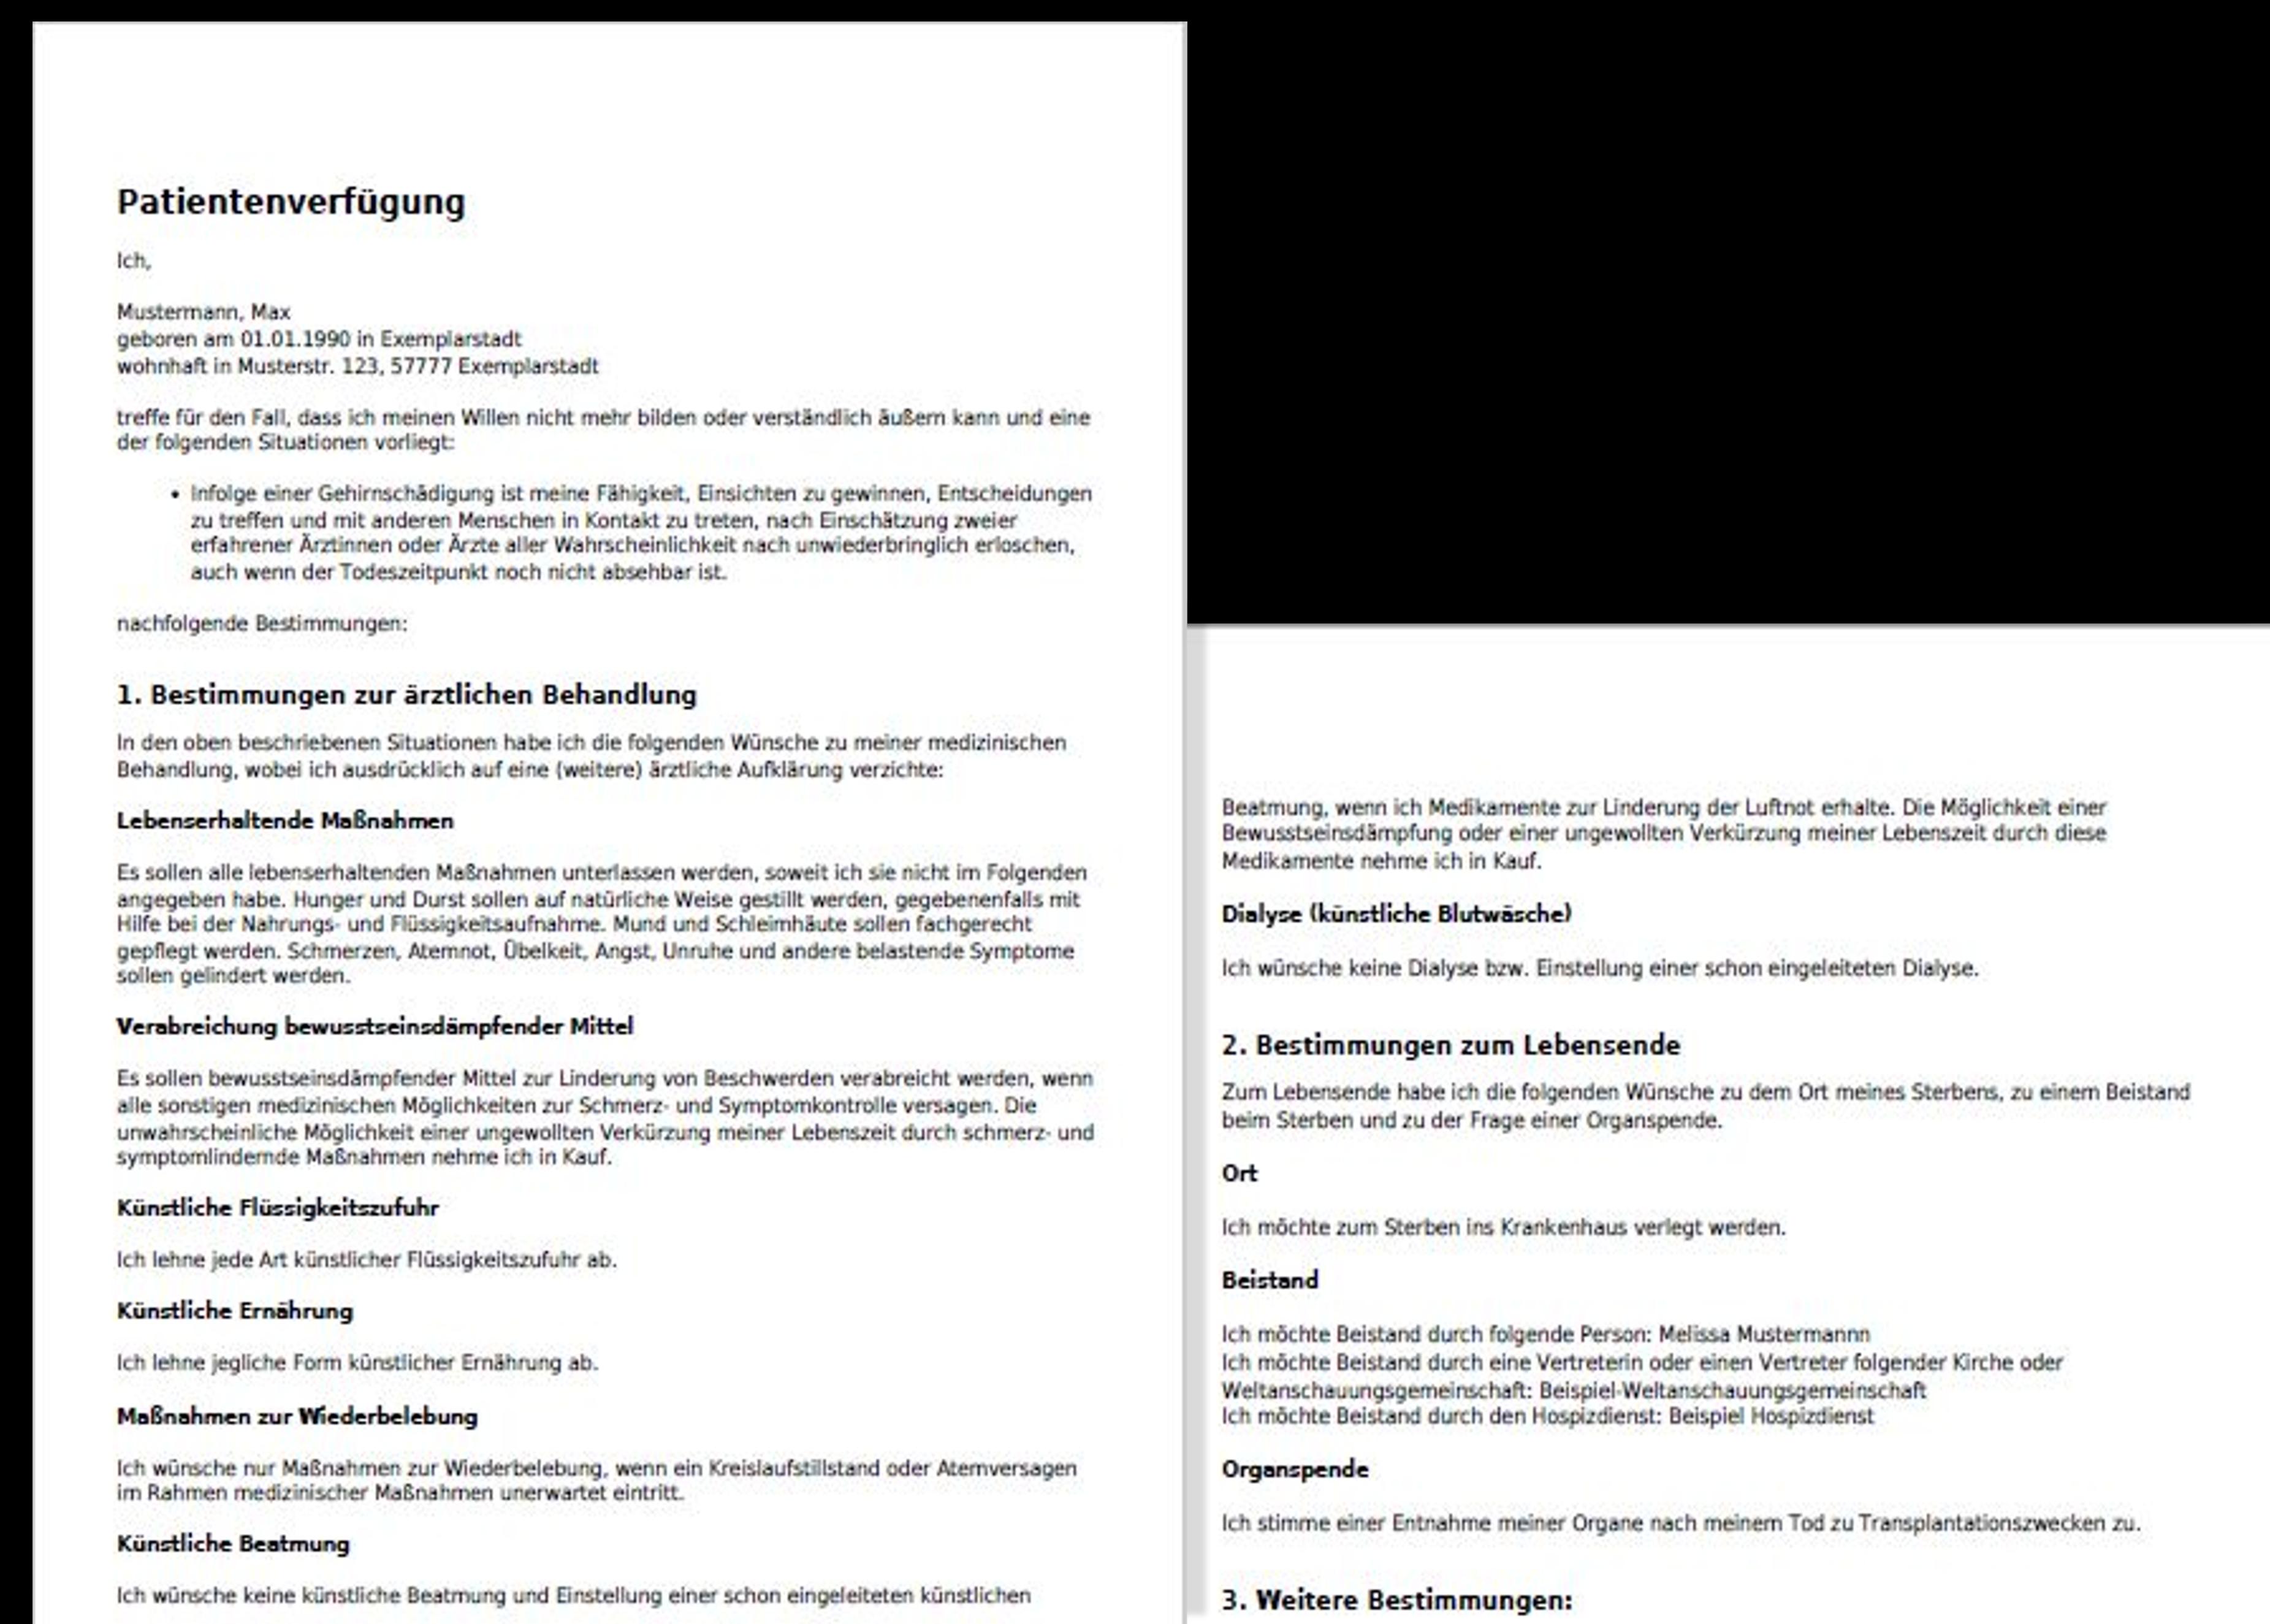 Beispiel der fertigen PDF der Patientenverfügung - Zur selbstbestimmten Behandlung im Falle der Entscheidungsunfähigkeit